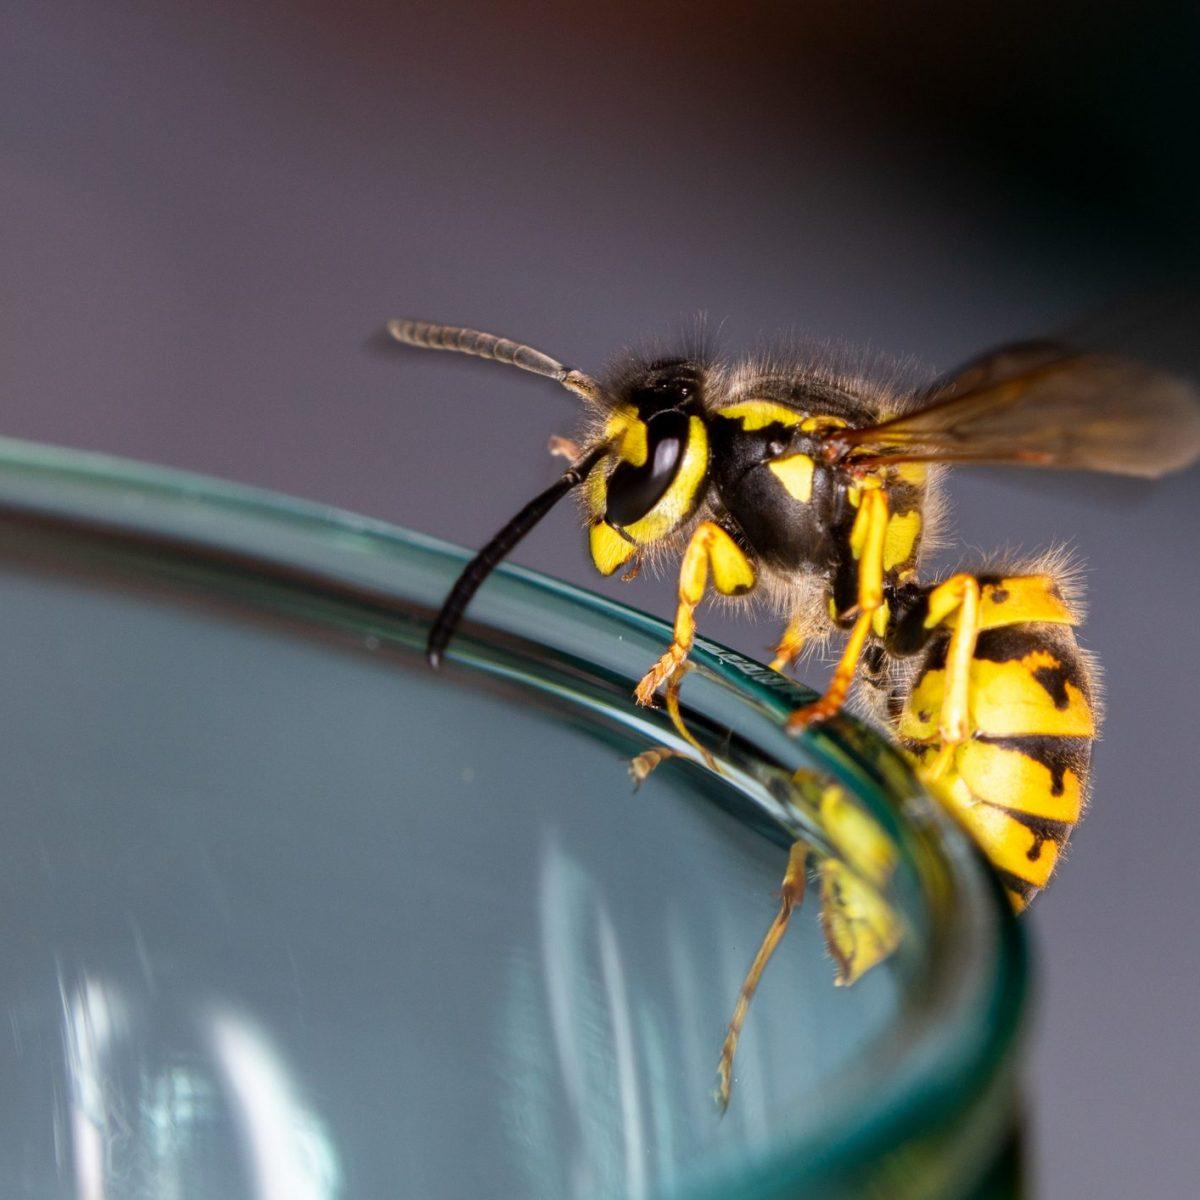 Repellente Naturale Per Vespe rimedi naturali contro le vespe: dal caffè al cetriolo, gli